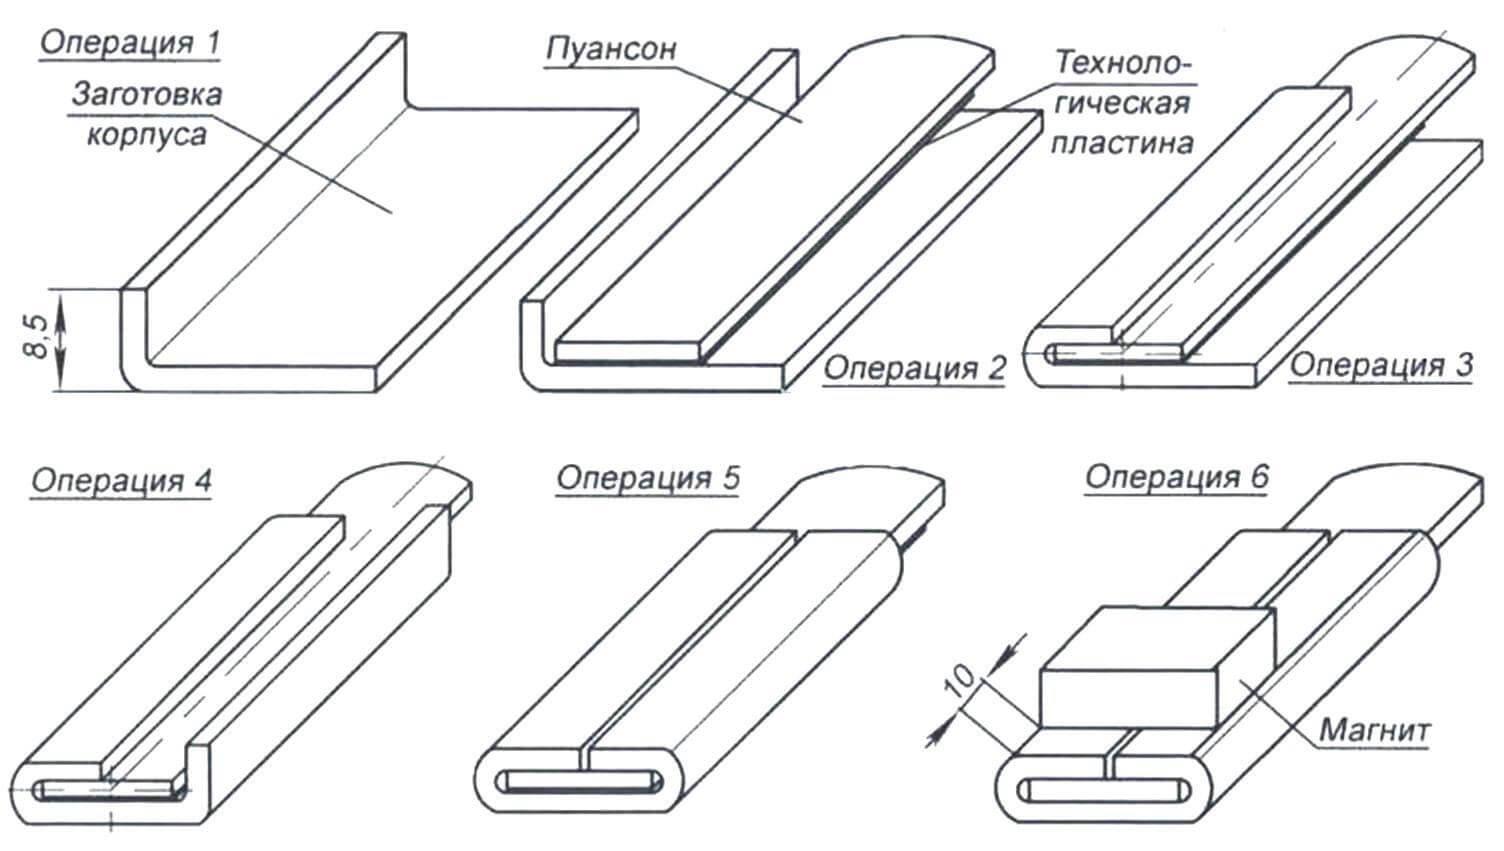 Рис. 2. Технология изготовления корпуса приспособления